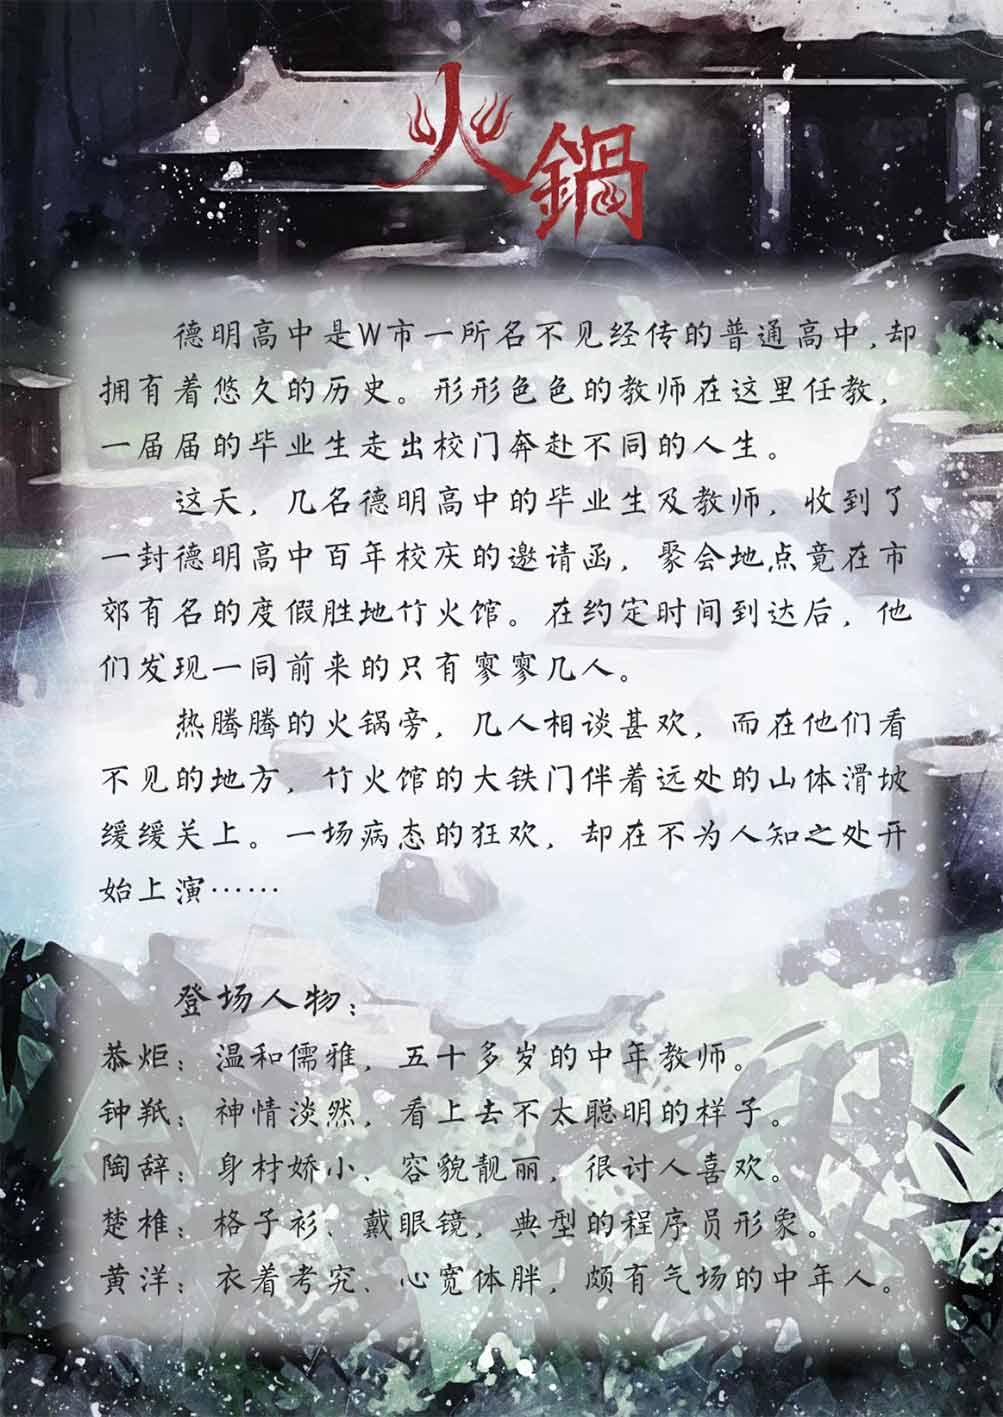 『火锅』剧本杀复盘凶手真相解析